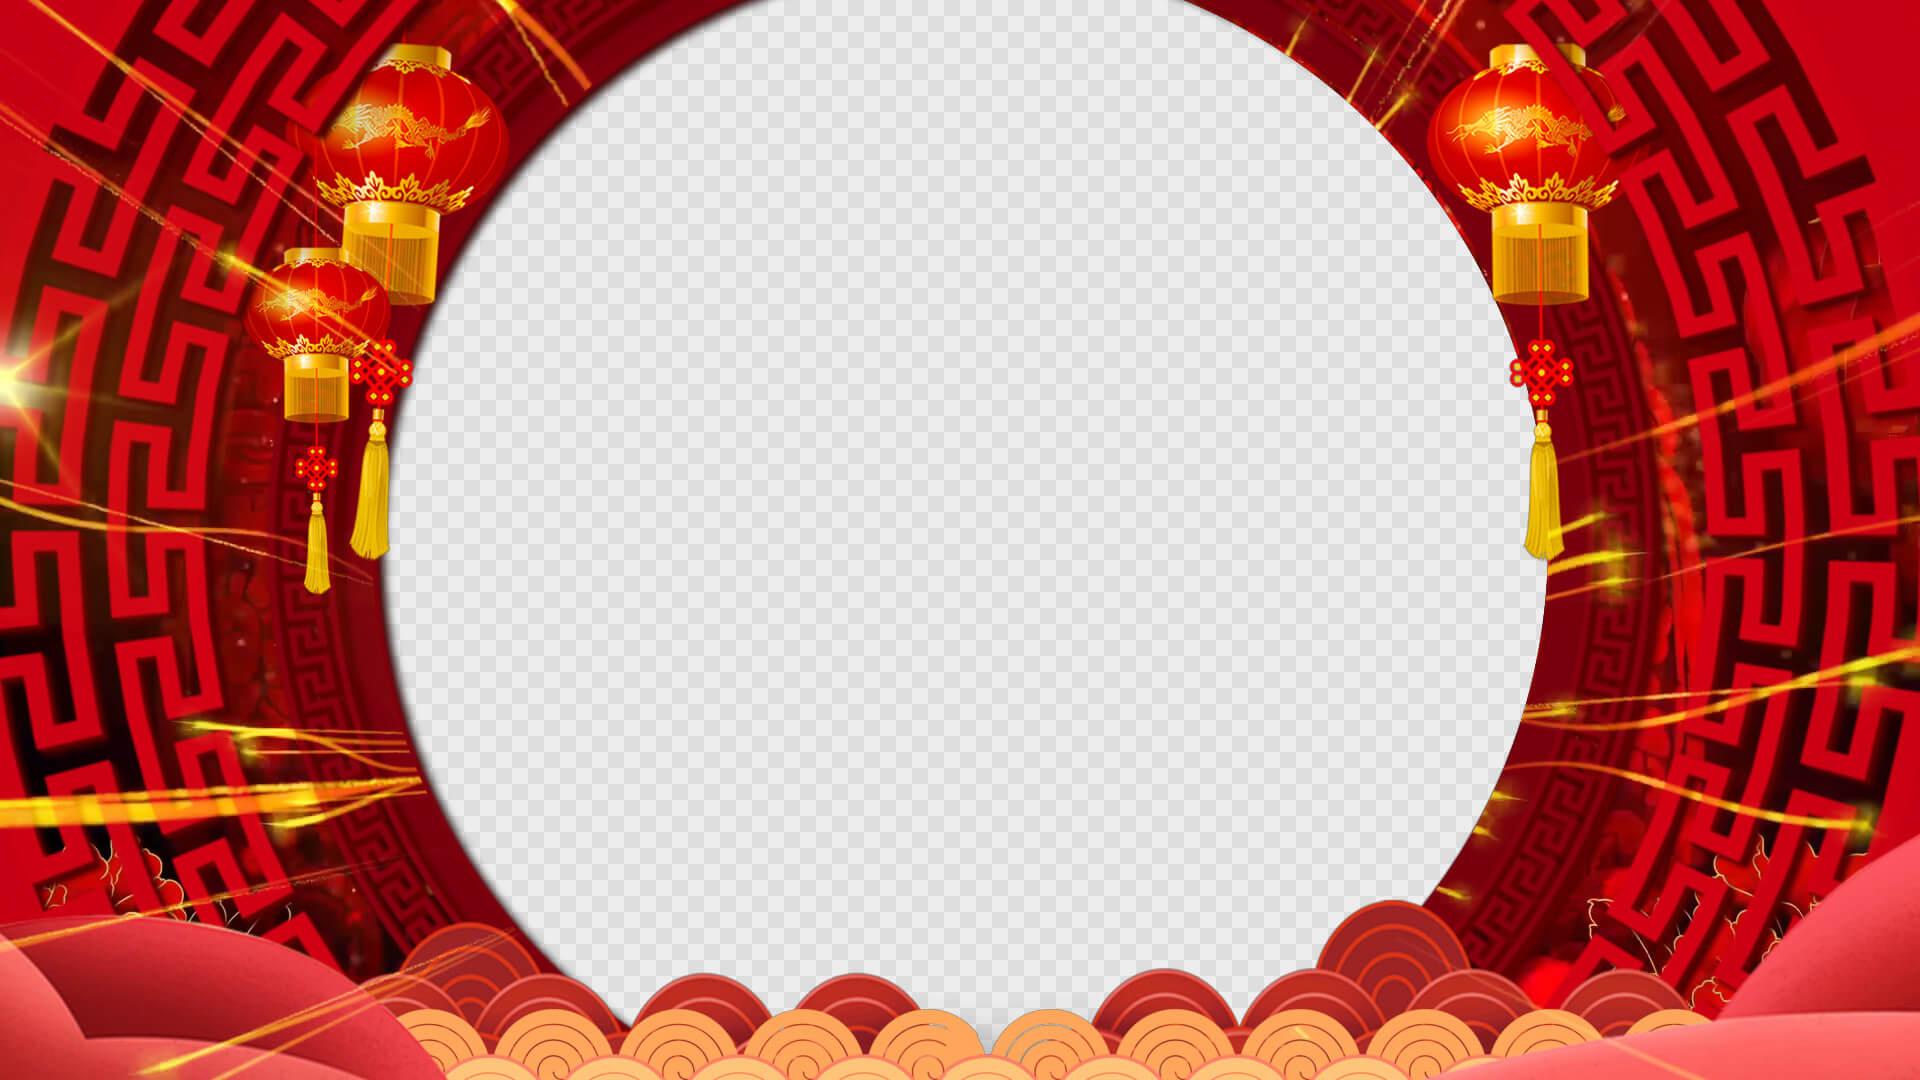 10组拜年边框前景视频素材 带通道 无缝循环 送配乐 集合①